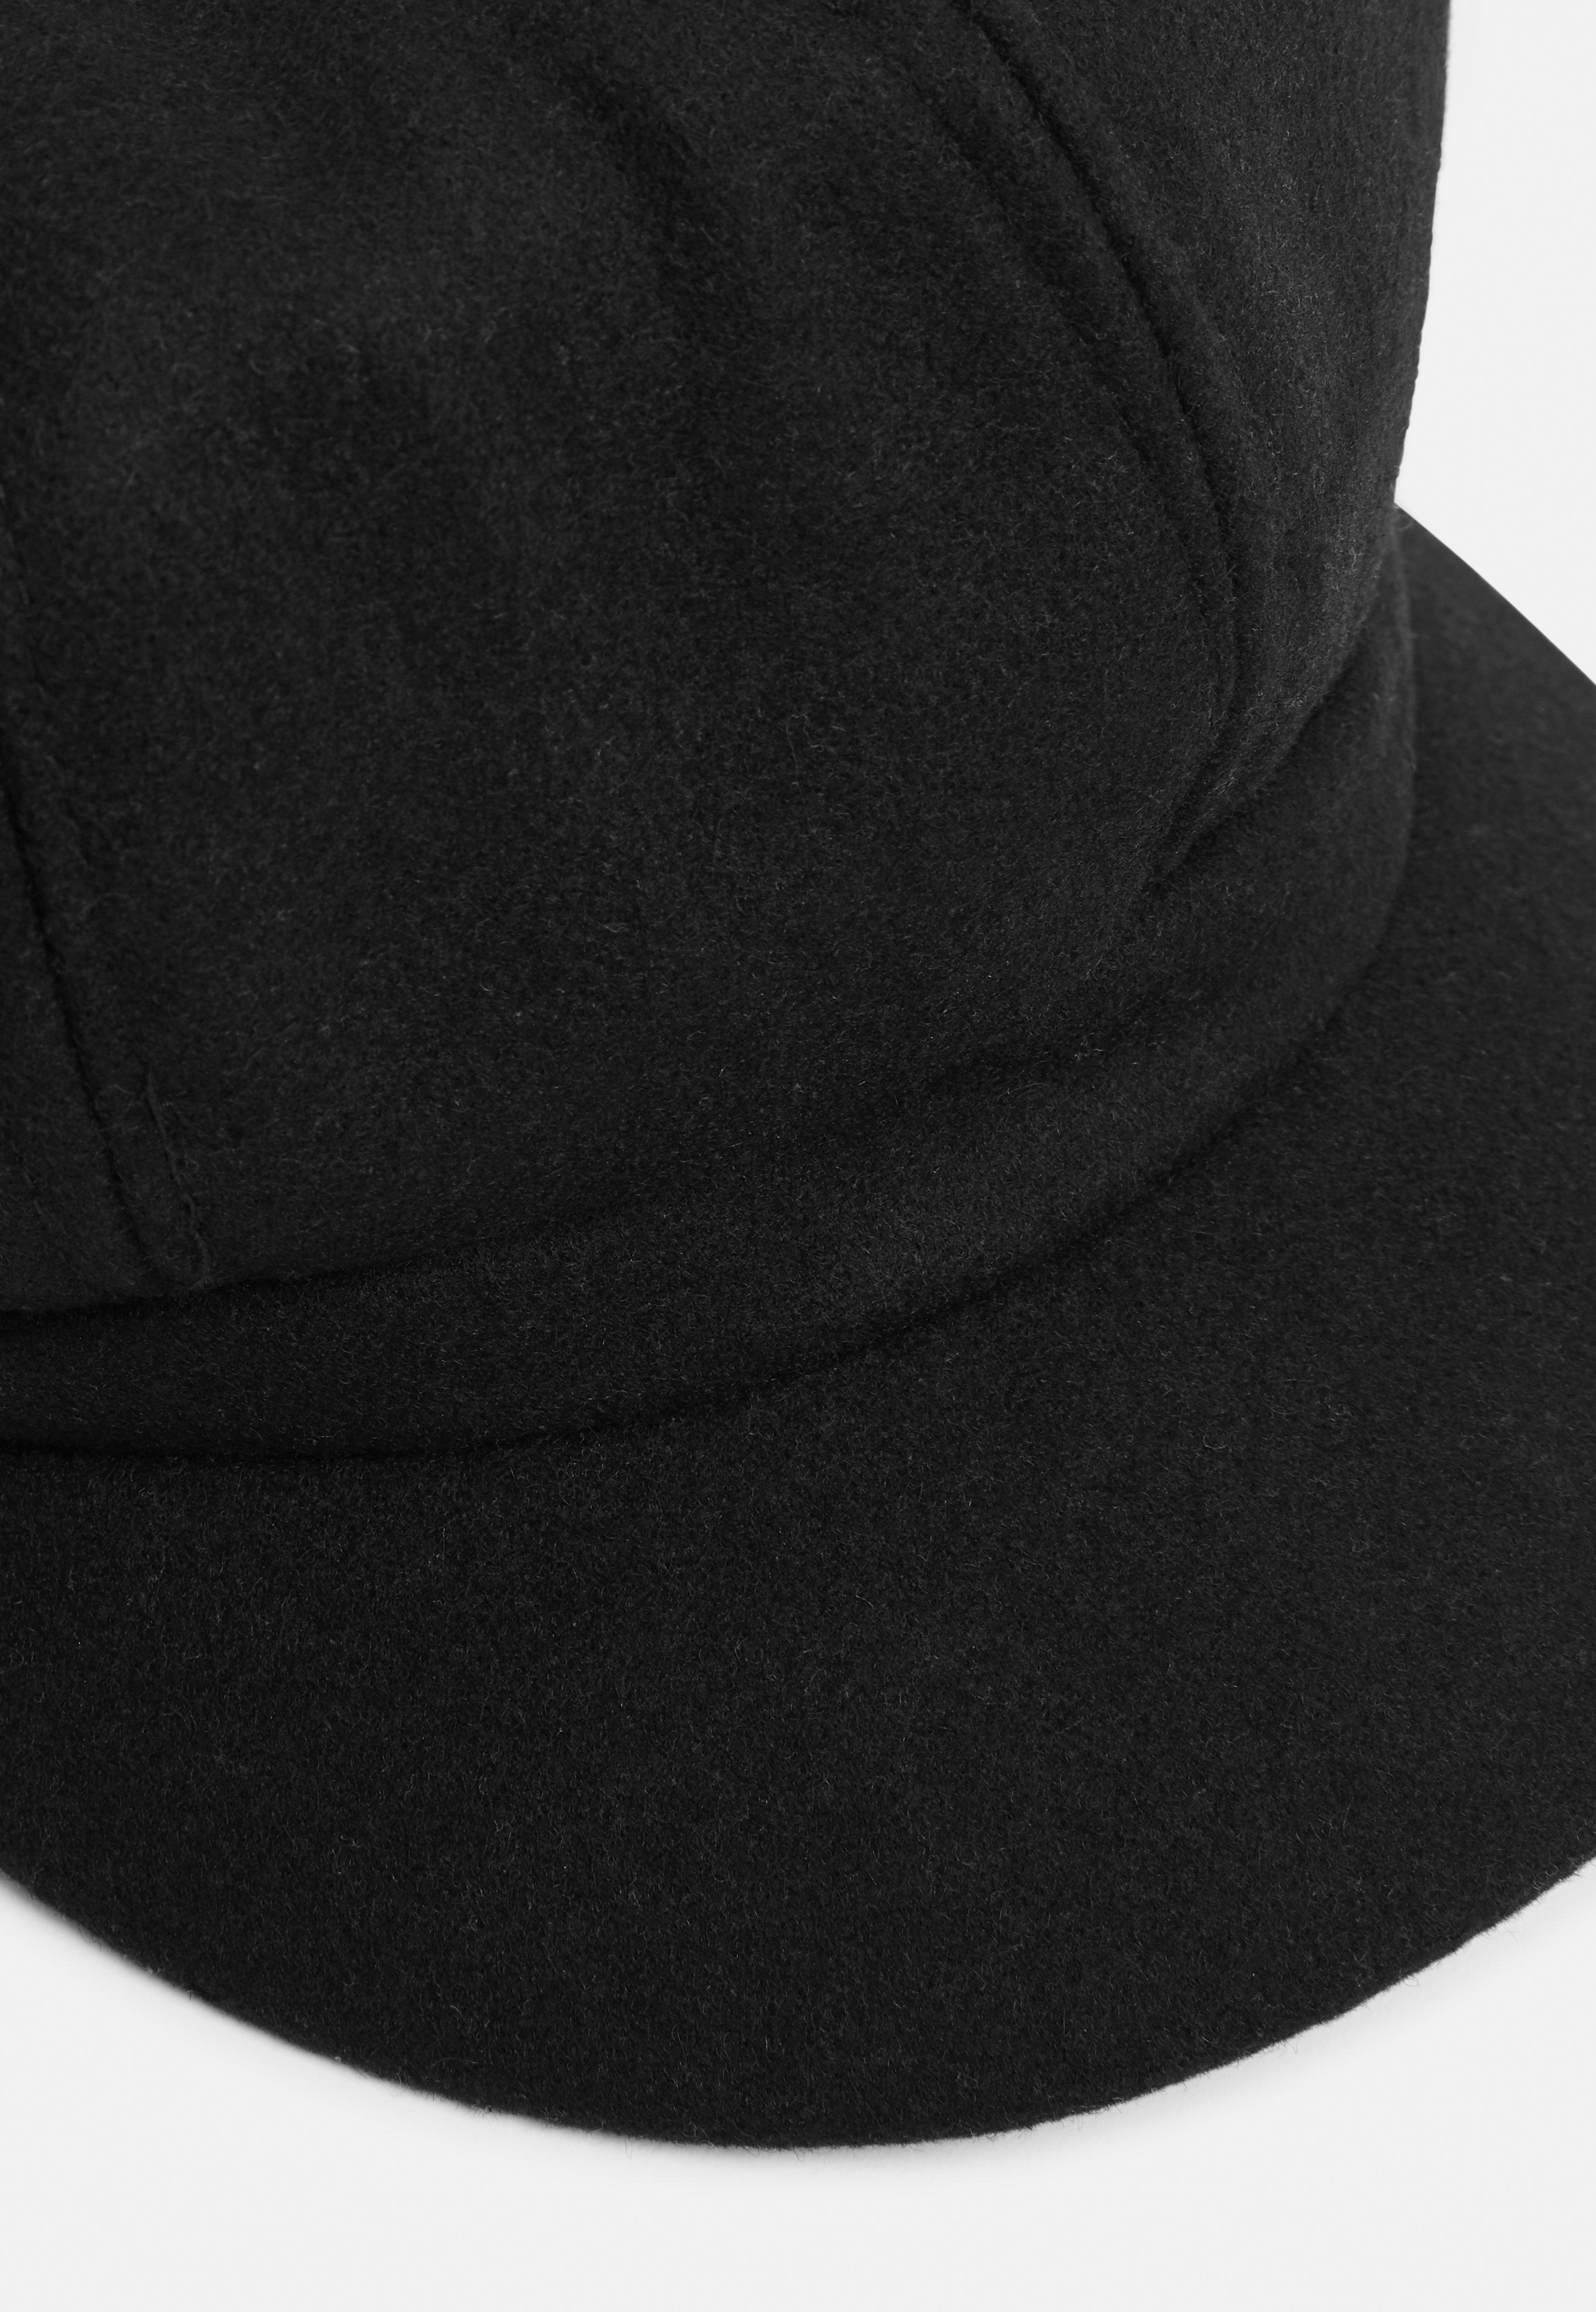 6d497ca97b6 Lyst - Missguided Black Brushed Baker Boy Hat in Black for Men